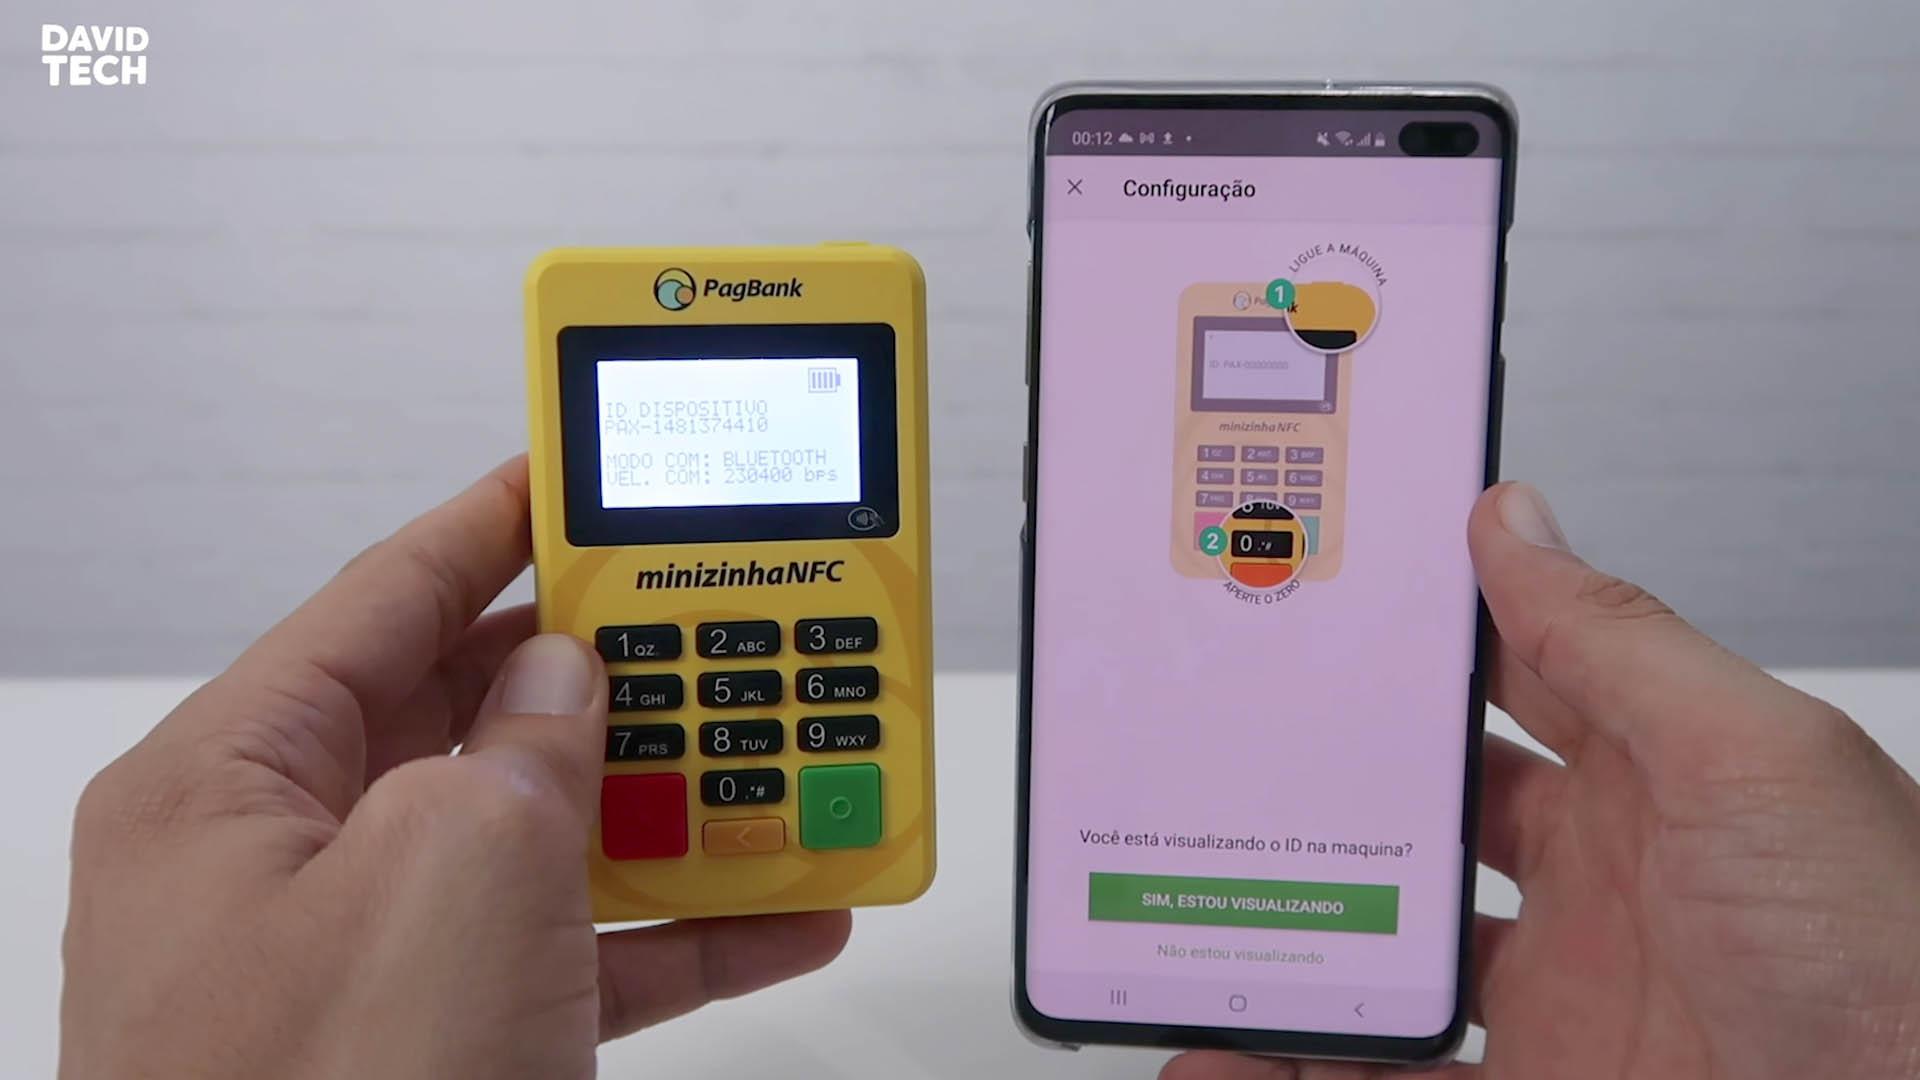 configurar e usar a maquina de cartão minizinha NFC